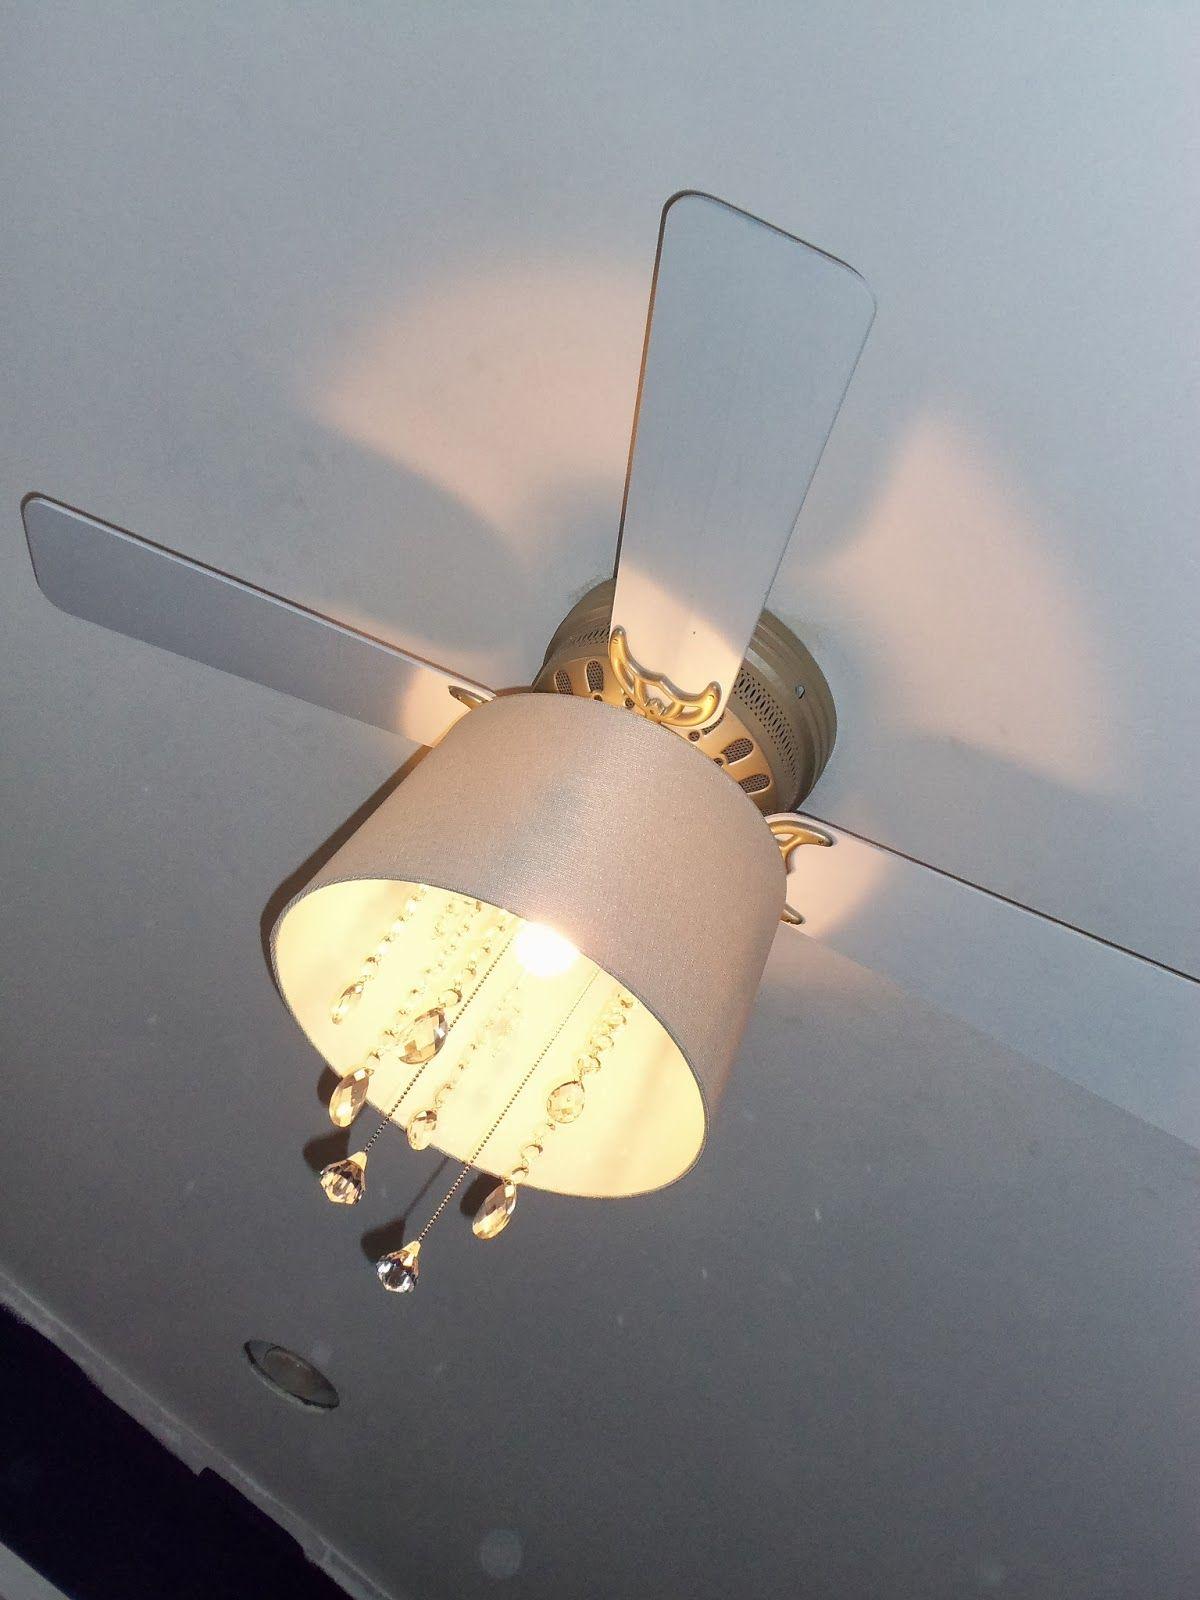 The Schorr Thing DIY Ceiling Fan Chandelier S&B's